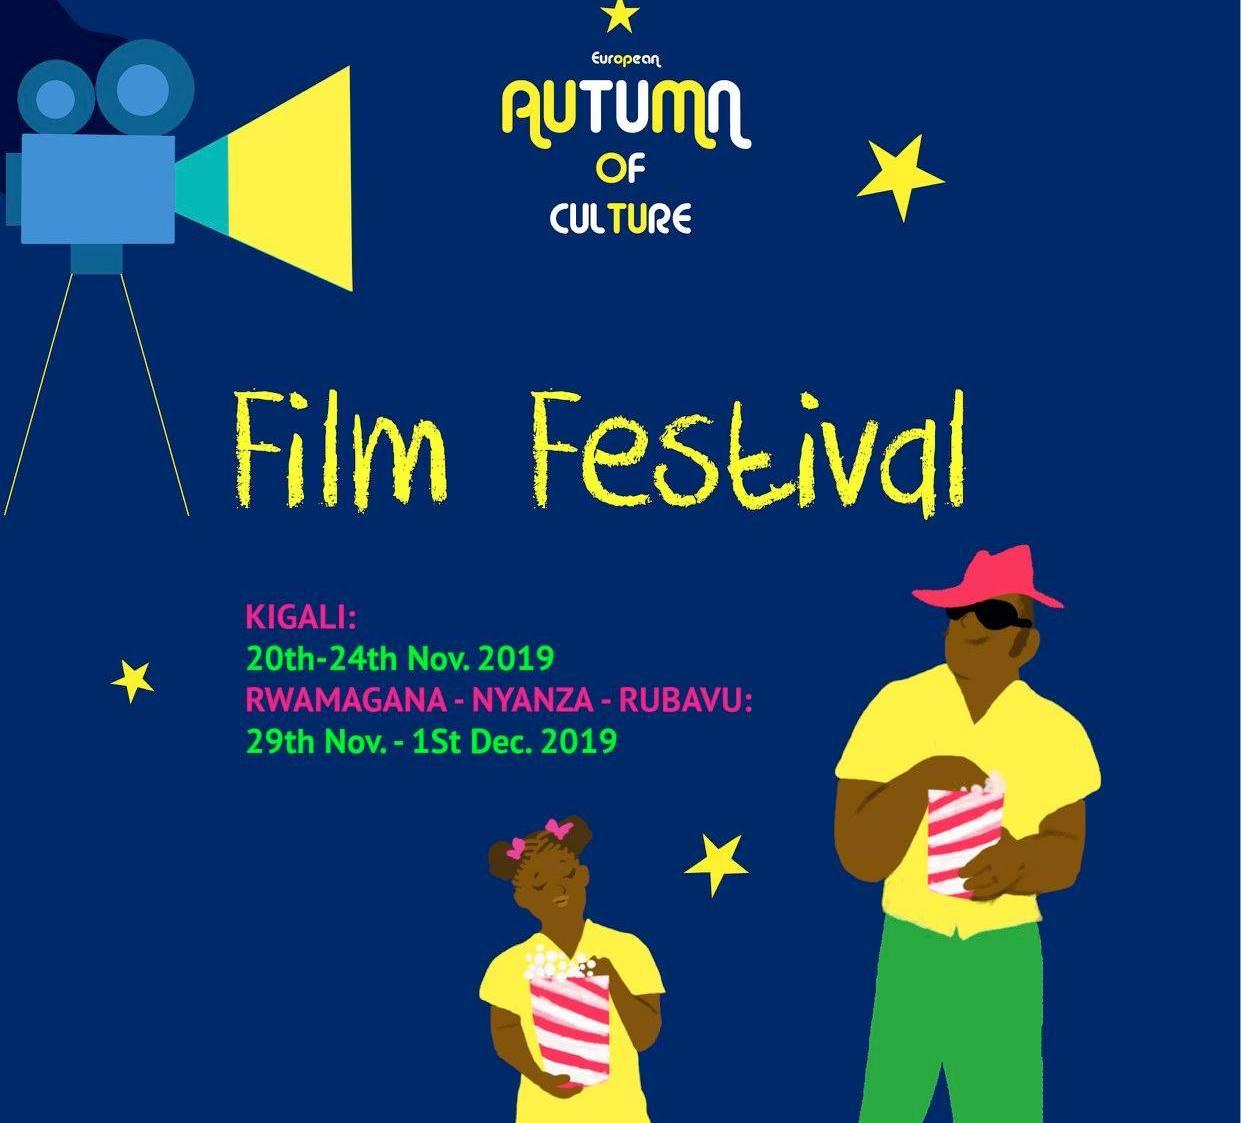 European Film Festival Returns